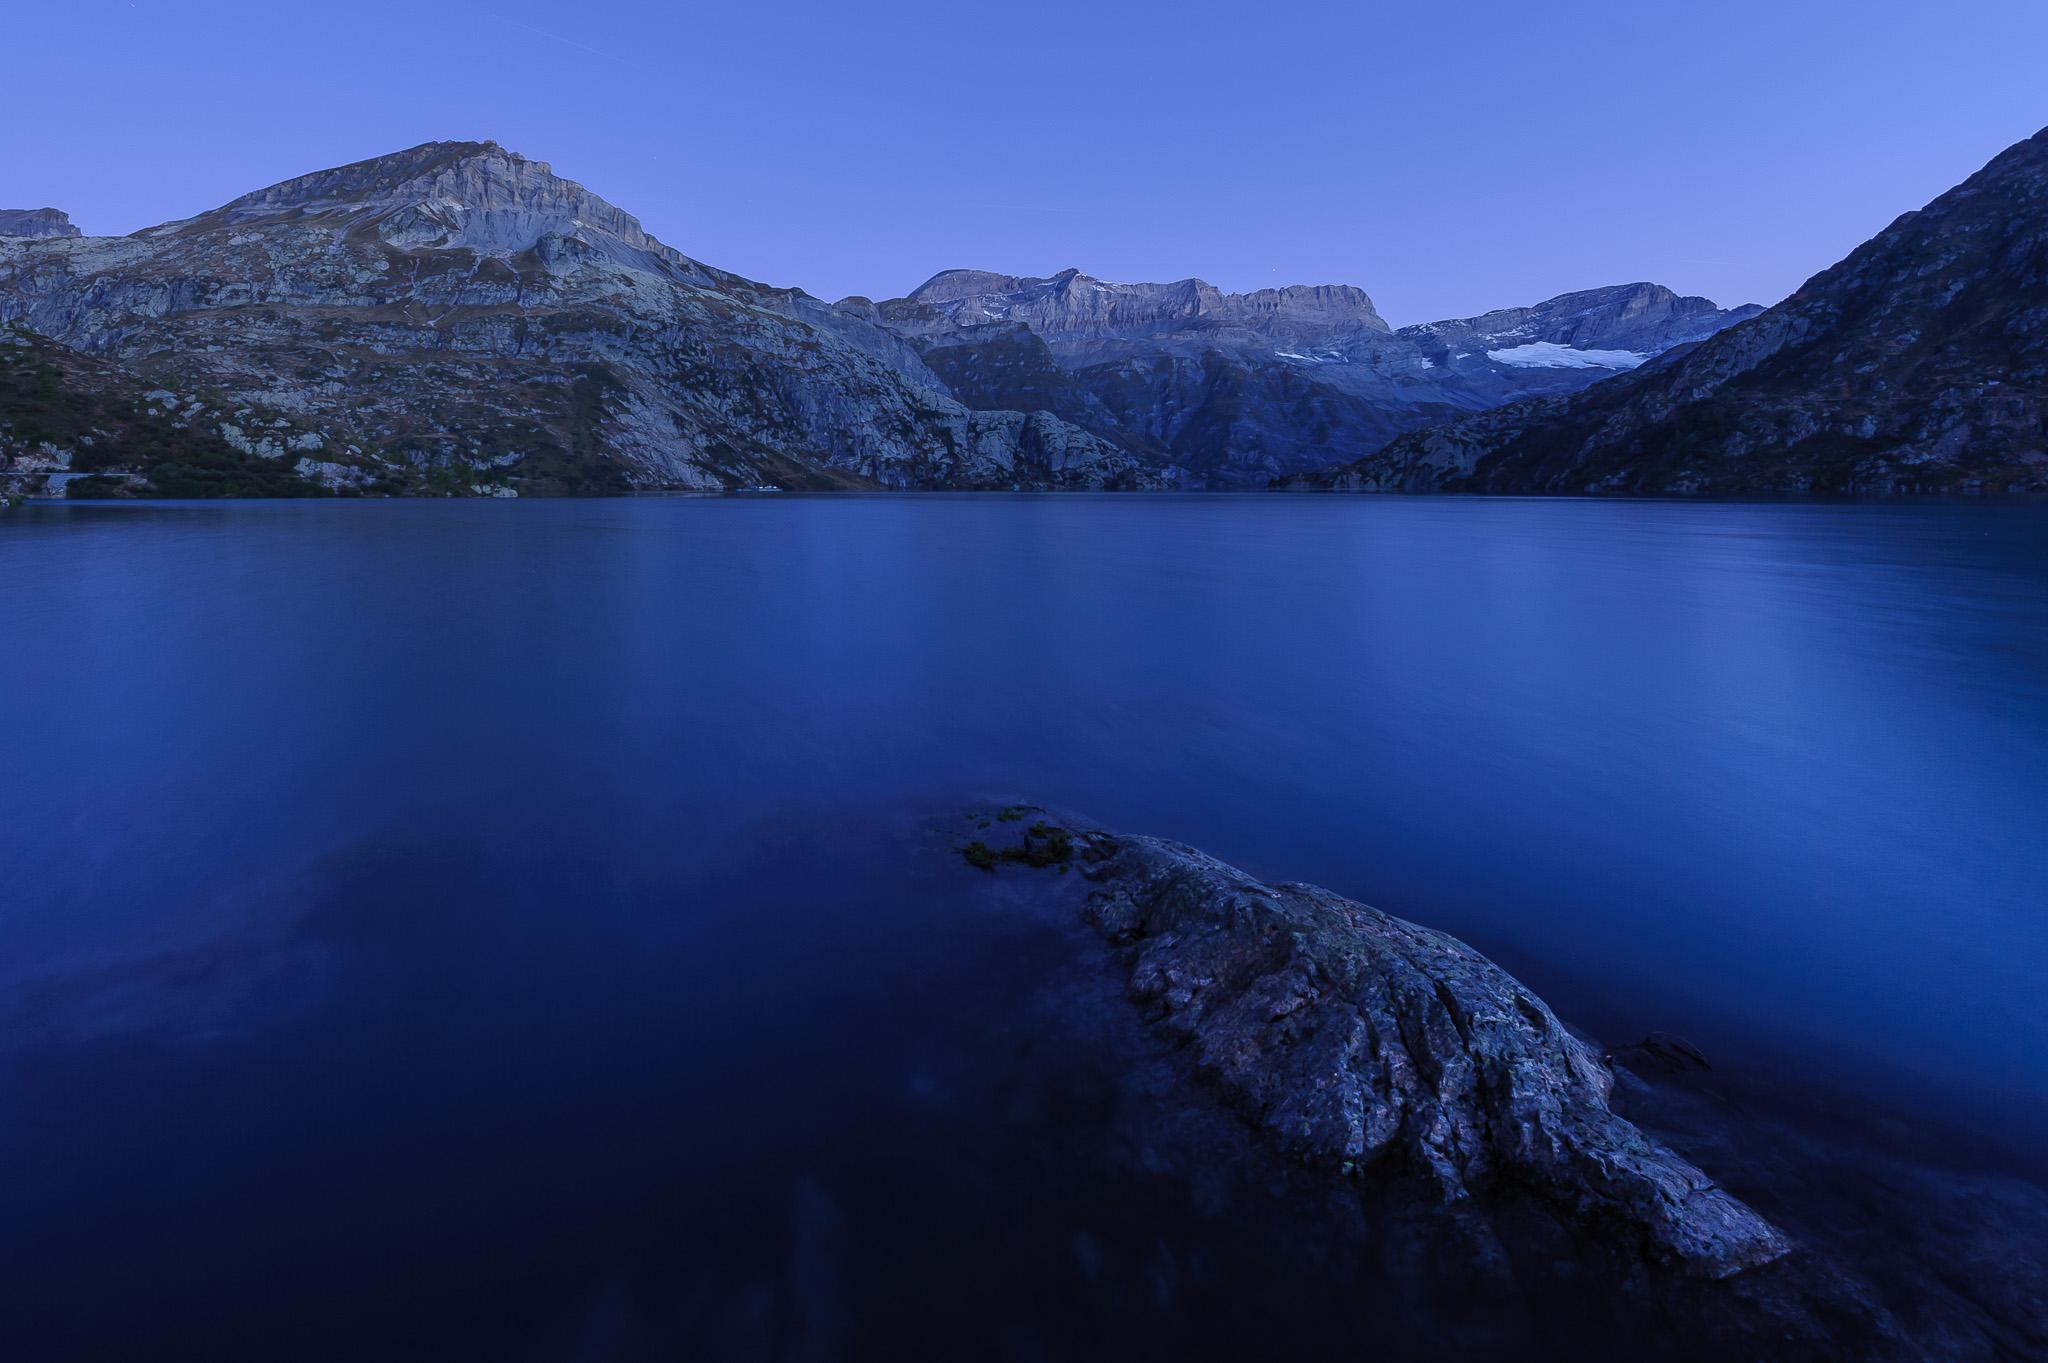 Barrage d'emosson, Valais. Switzerland